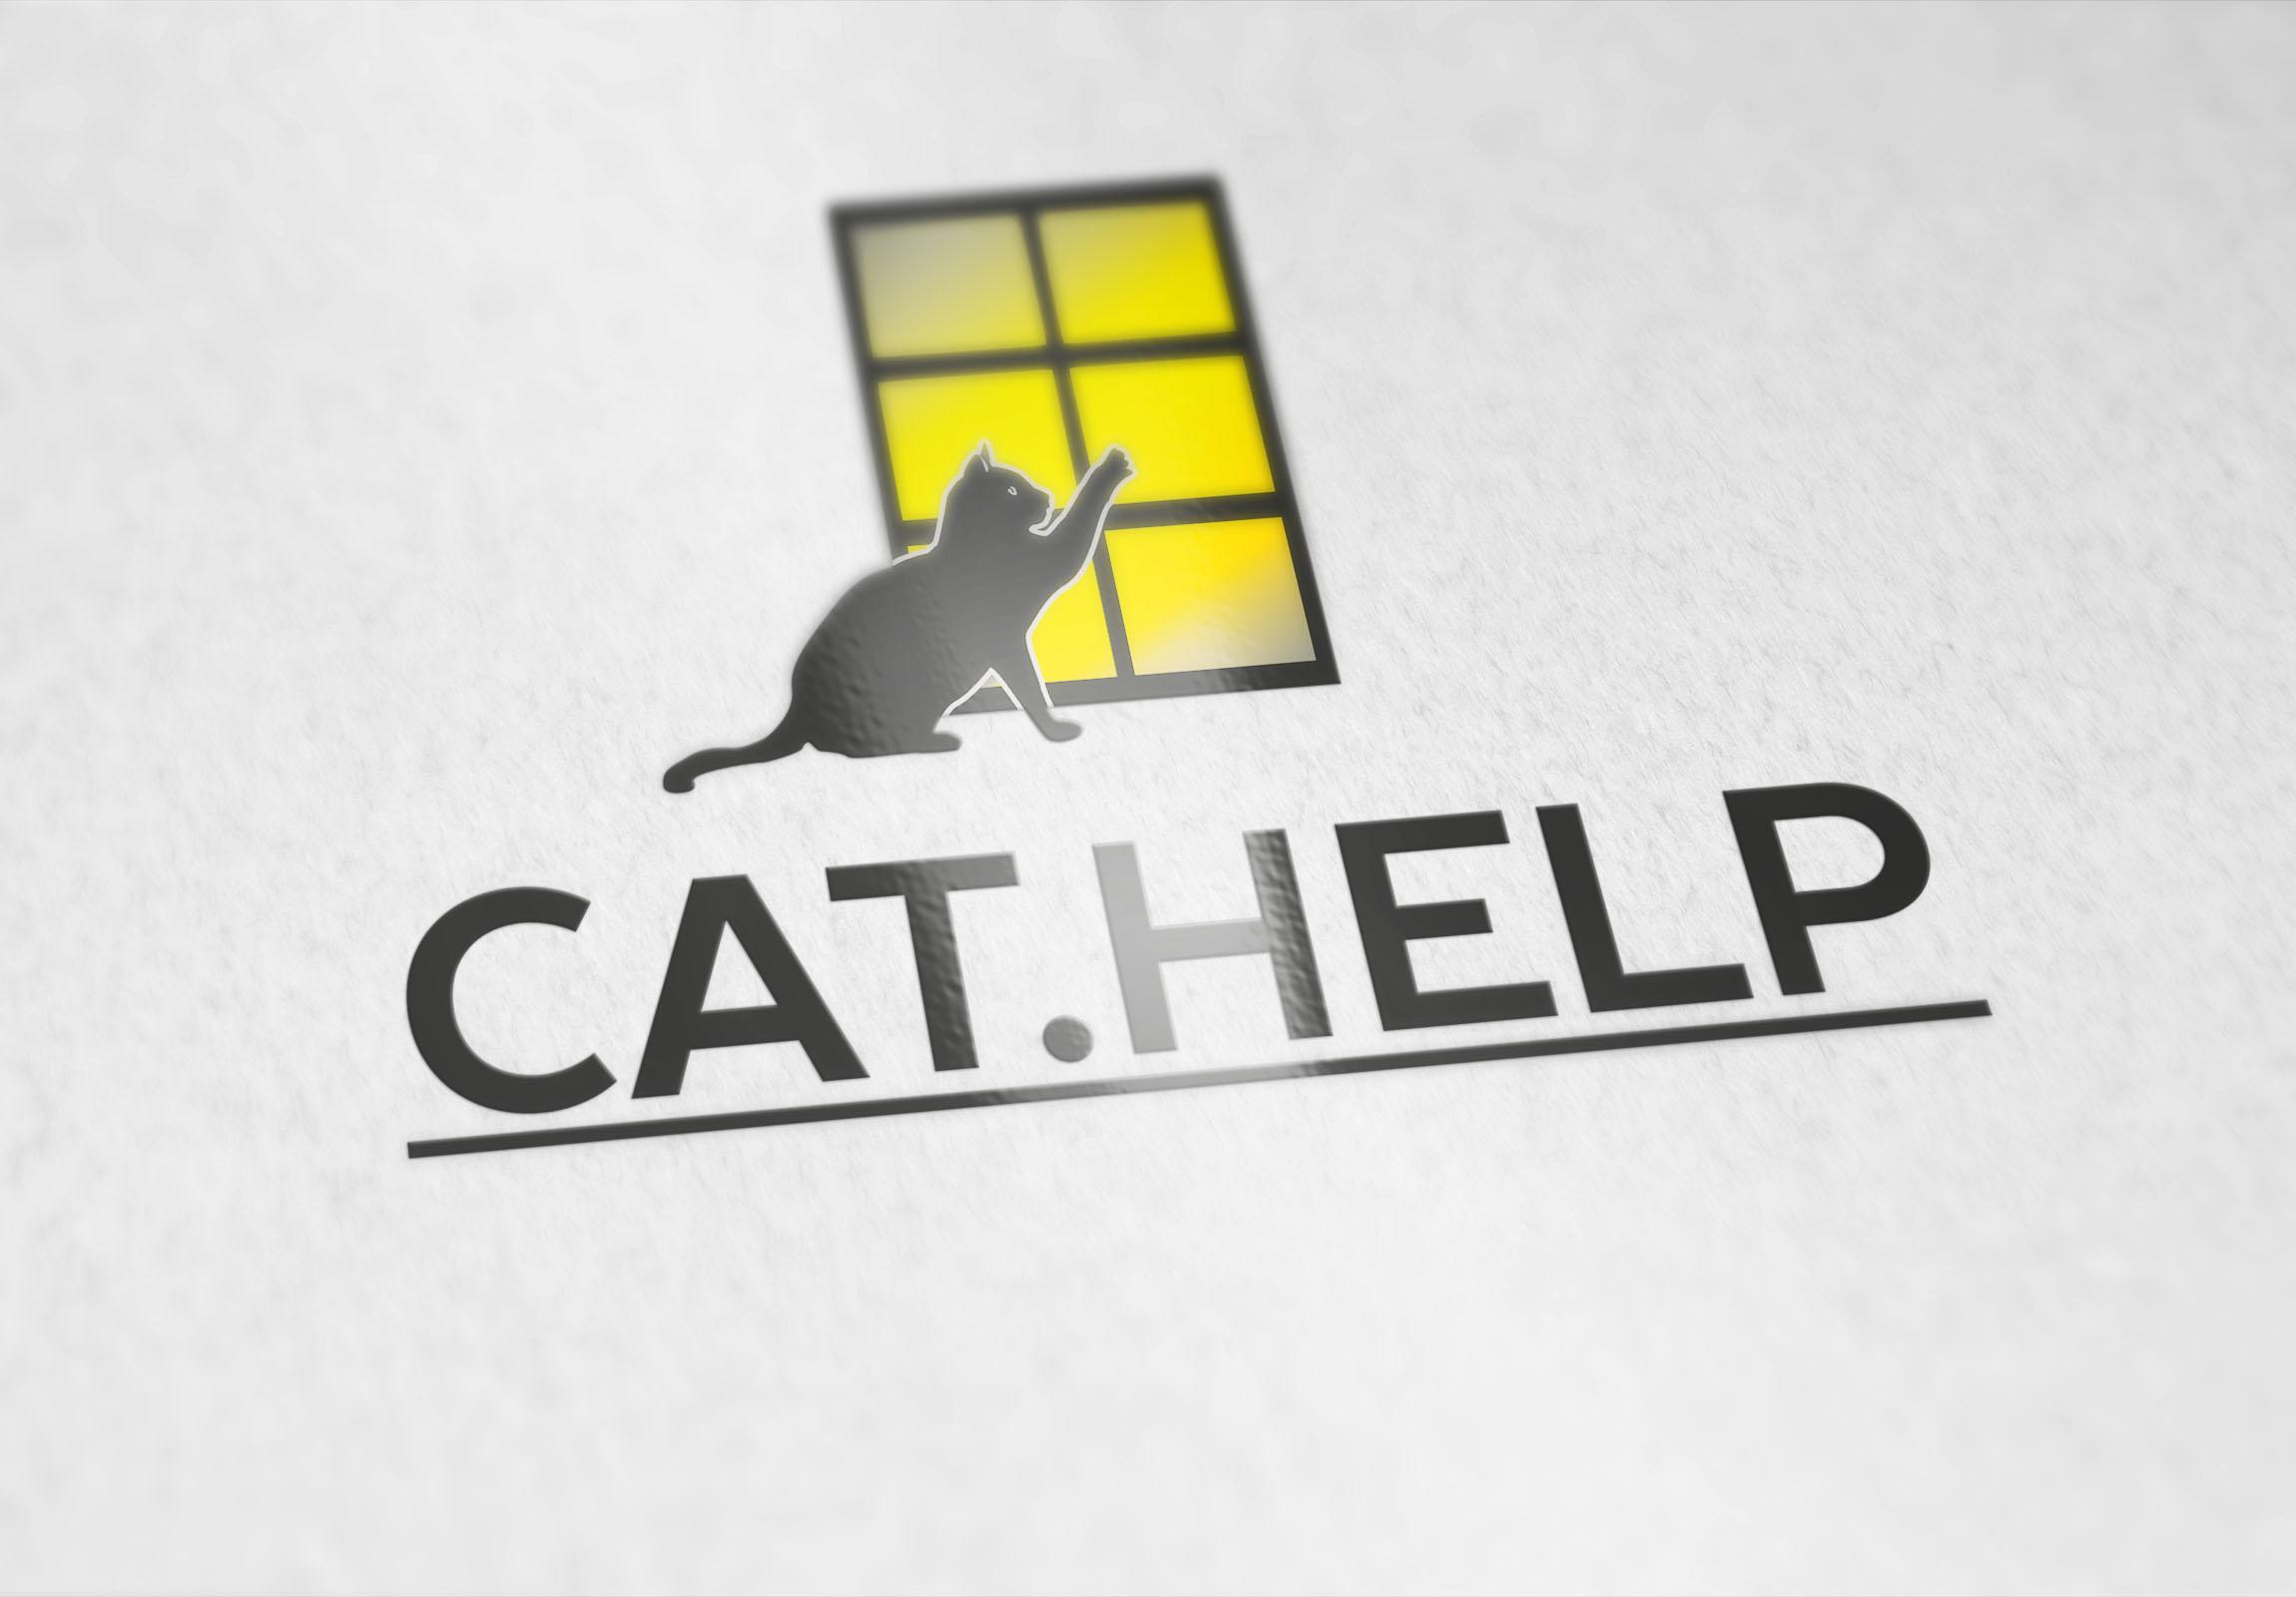 логотип для сайта и группы вк - cat.help фото f_80359e471fc02a0c.jpg